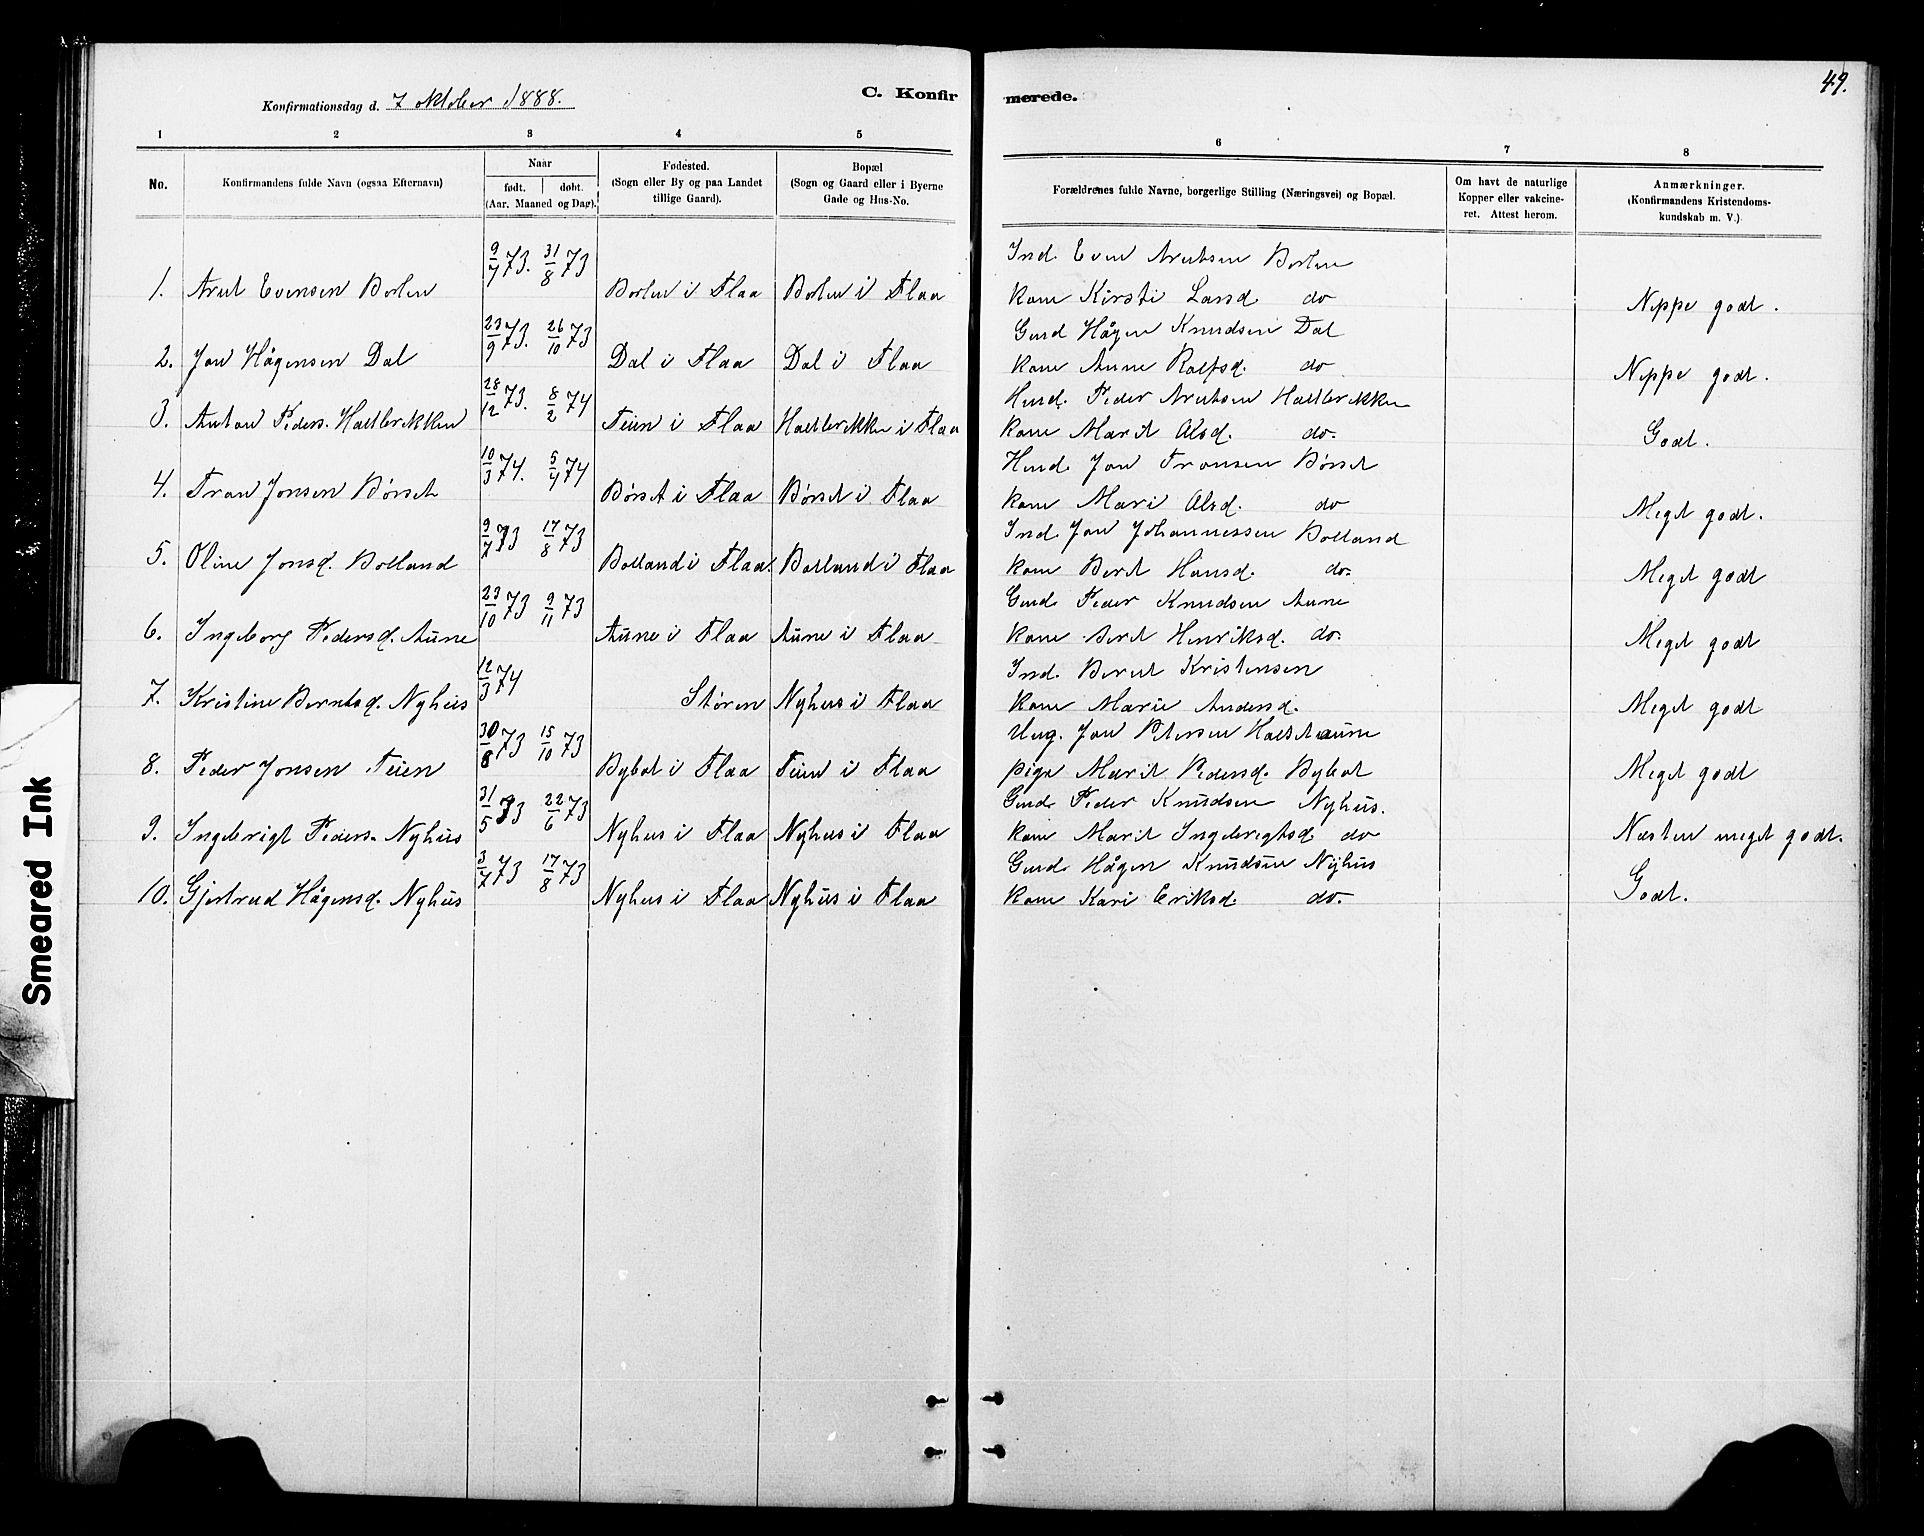 SAT, Ministerialprotokoller, klokkerbøker og fødselsregistre - Sør-Trøndelag, 693/L1123: Klokkerbok nr. 693C04, 1887-1910, s. 49